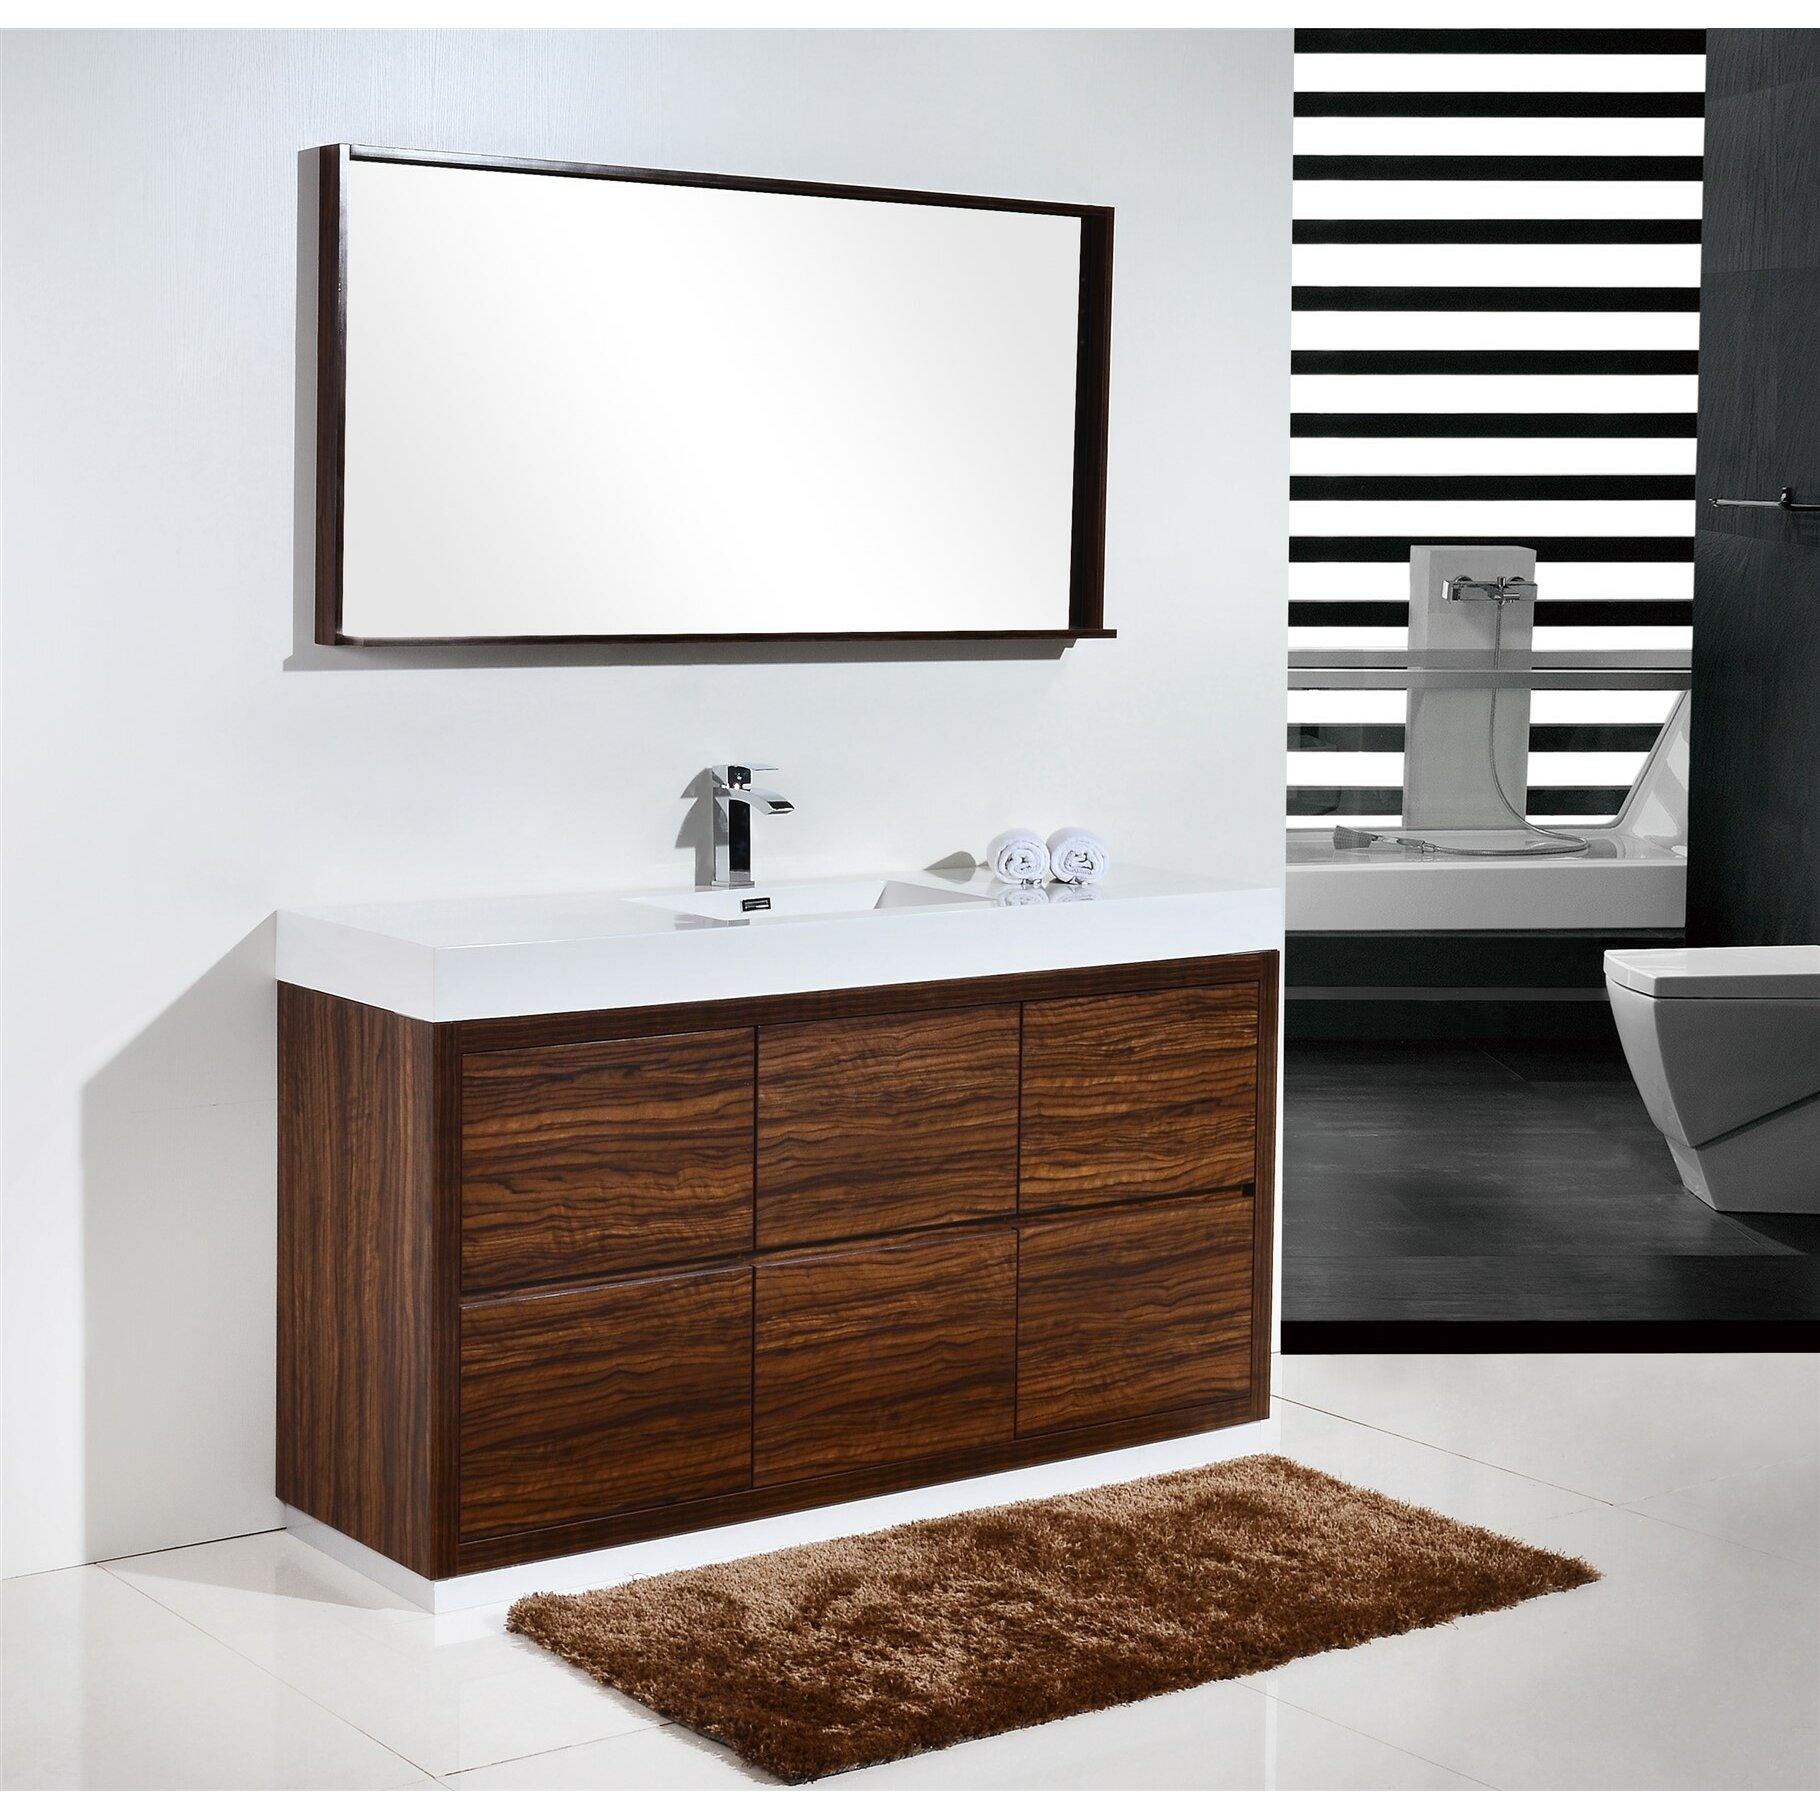 700mm freestanding bathroom vanity traditional bathroom vanities - Kube Bath Bliss 60 Single Free Standing Modern Bathroom Vanity